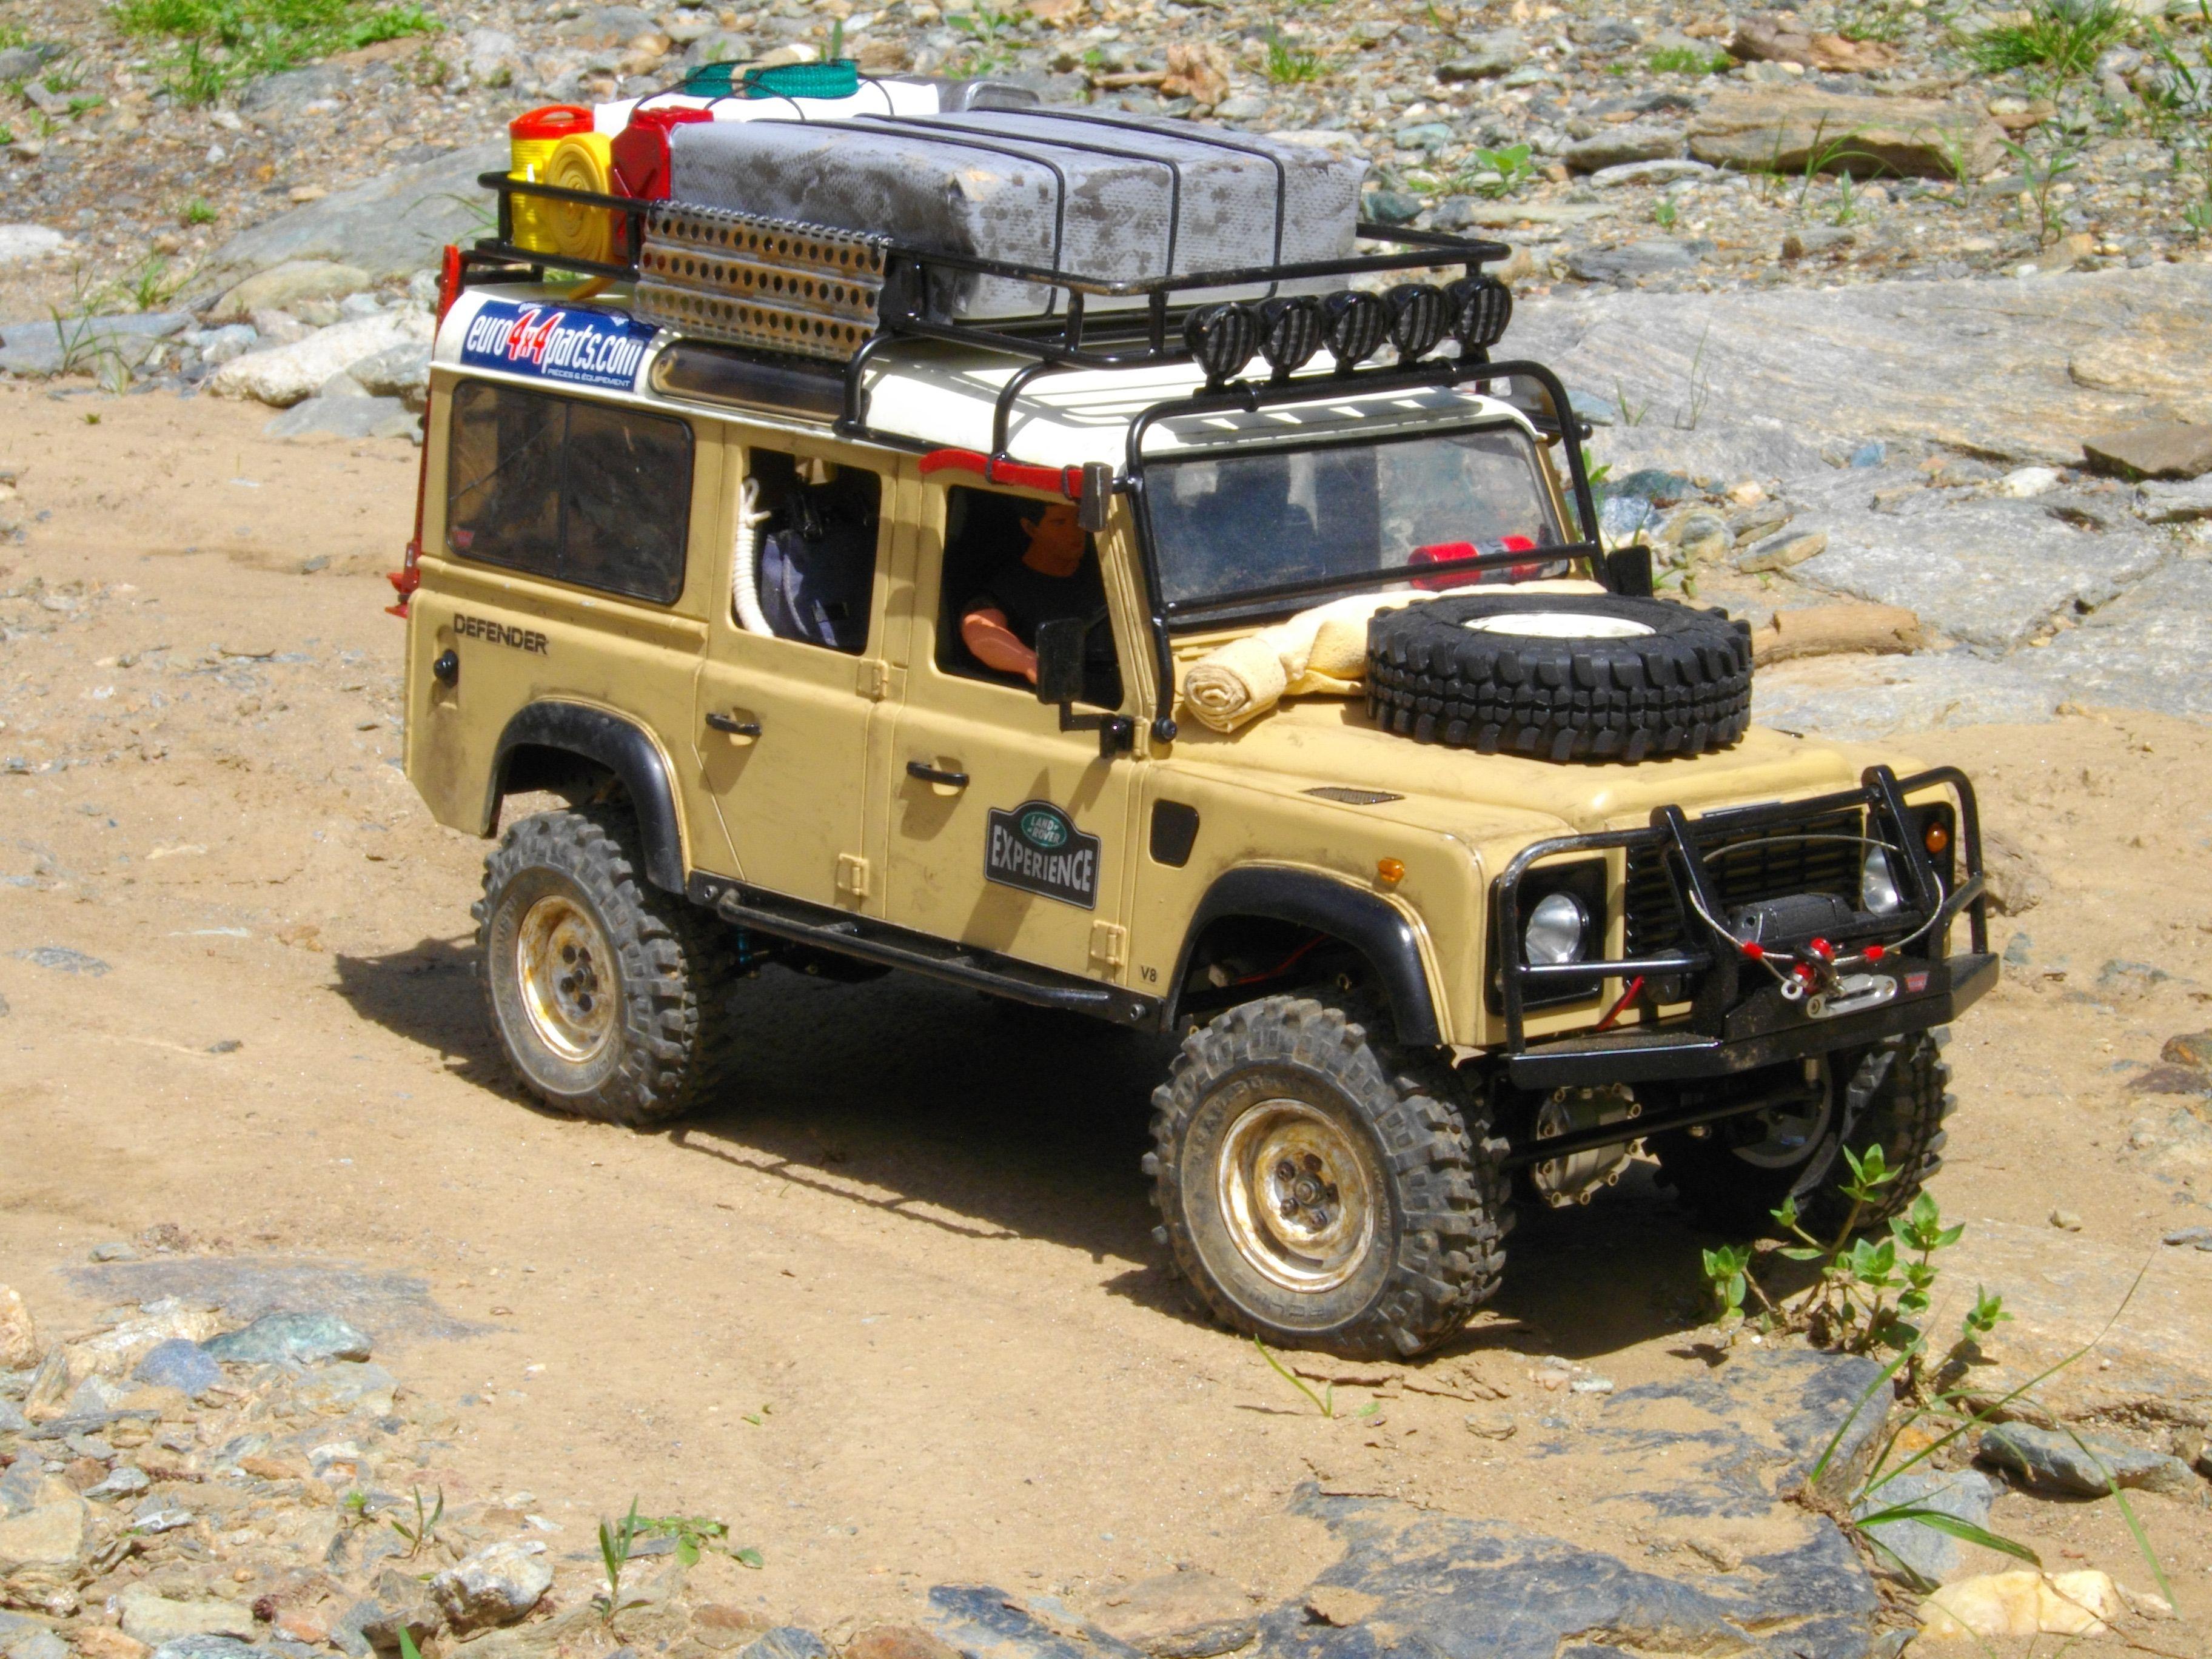 gel nde 1 10 scale defender d110 vehicle kit gadgets. Black Bedroom Furniture Sets. Home Design Ideas